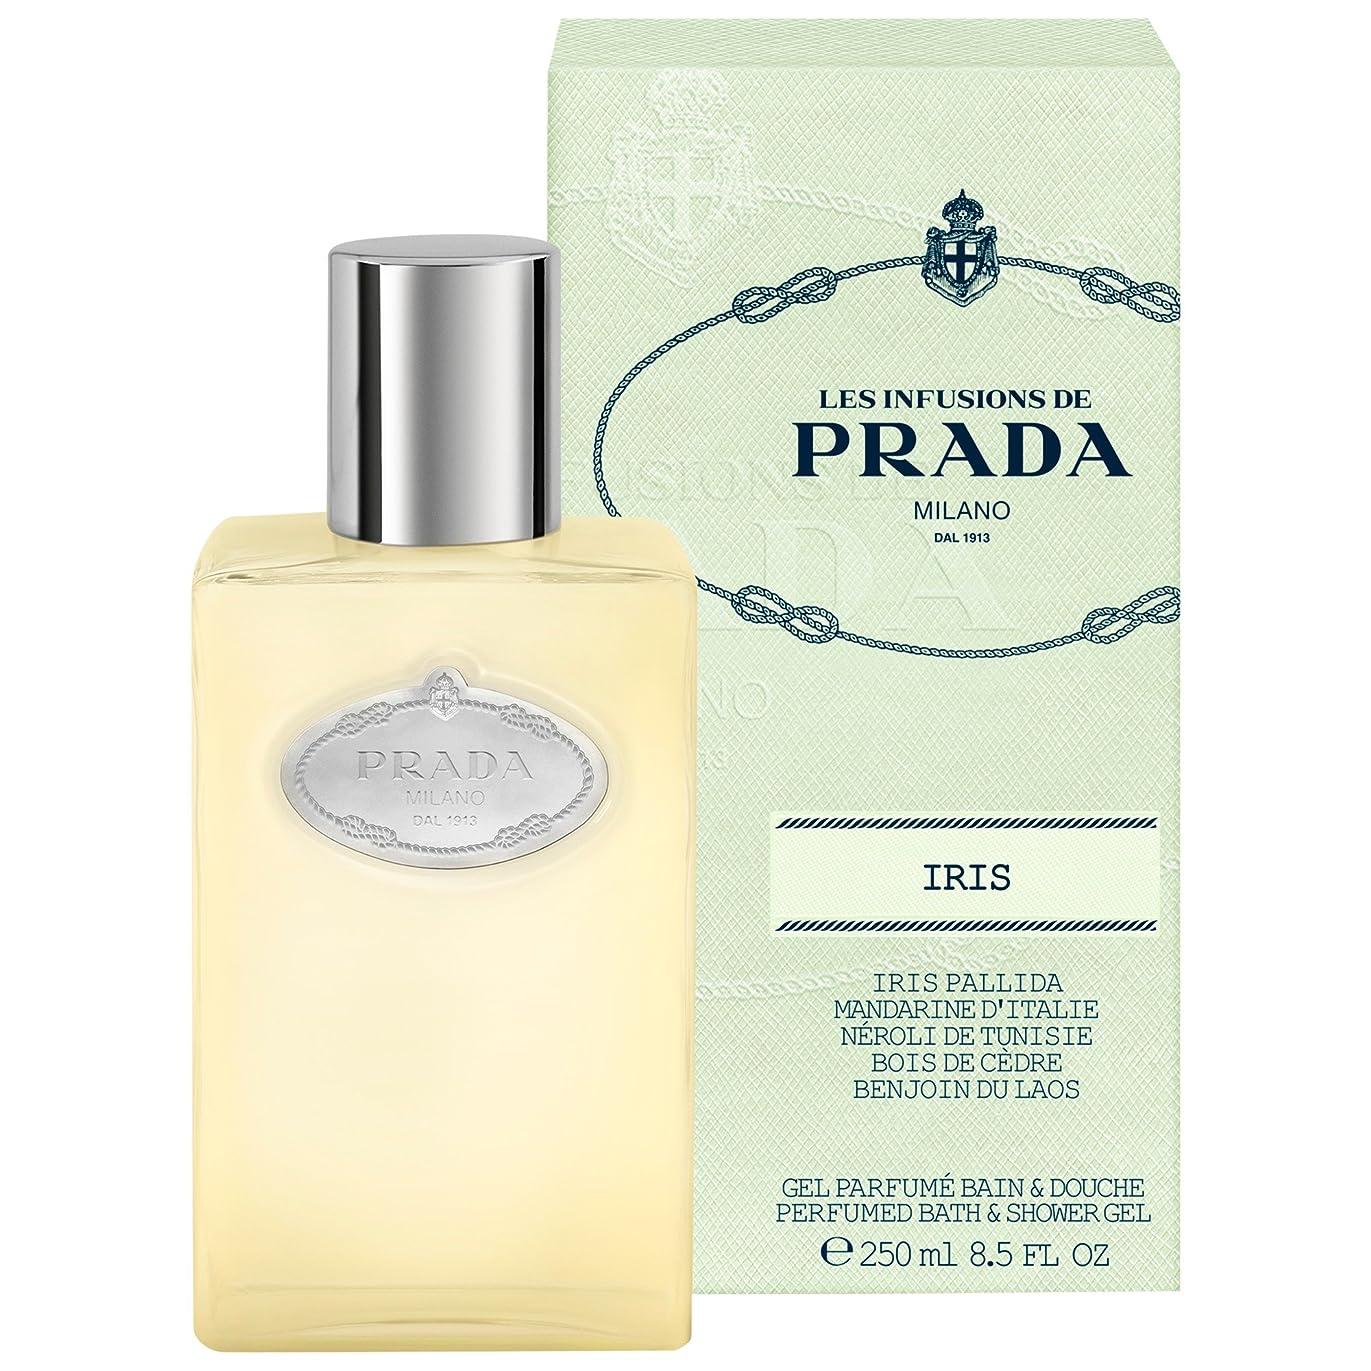 大事にする練る標準プラダアイリスシャワージェル250ミリリットル (Prada) (x2) - Prada Iris Shower Gel 250ml (Pack of 2) [並行輸入品]